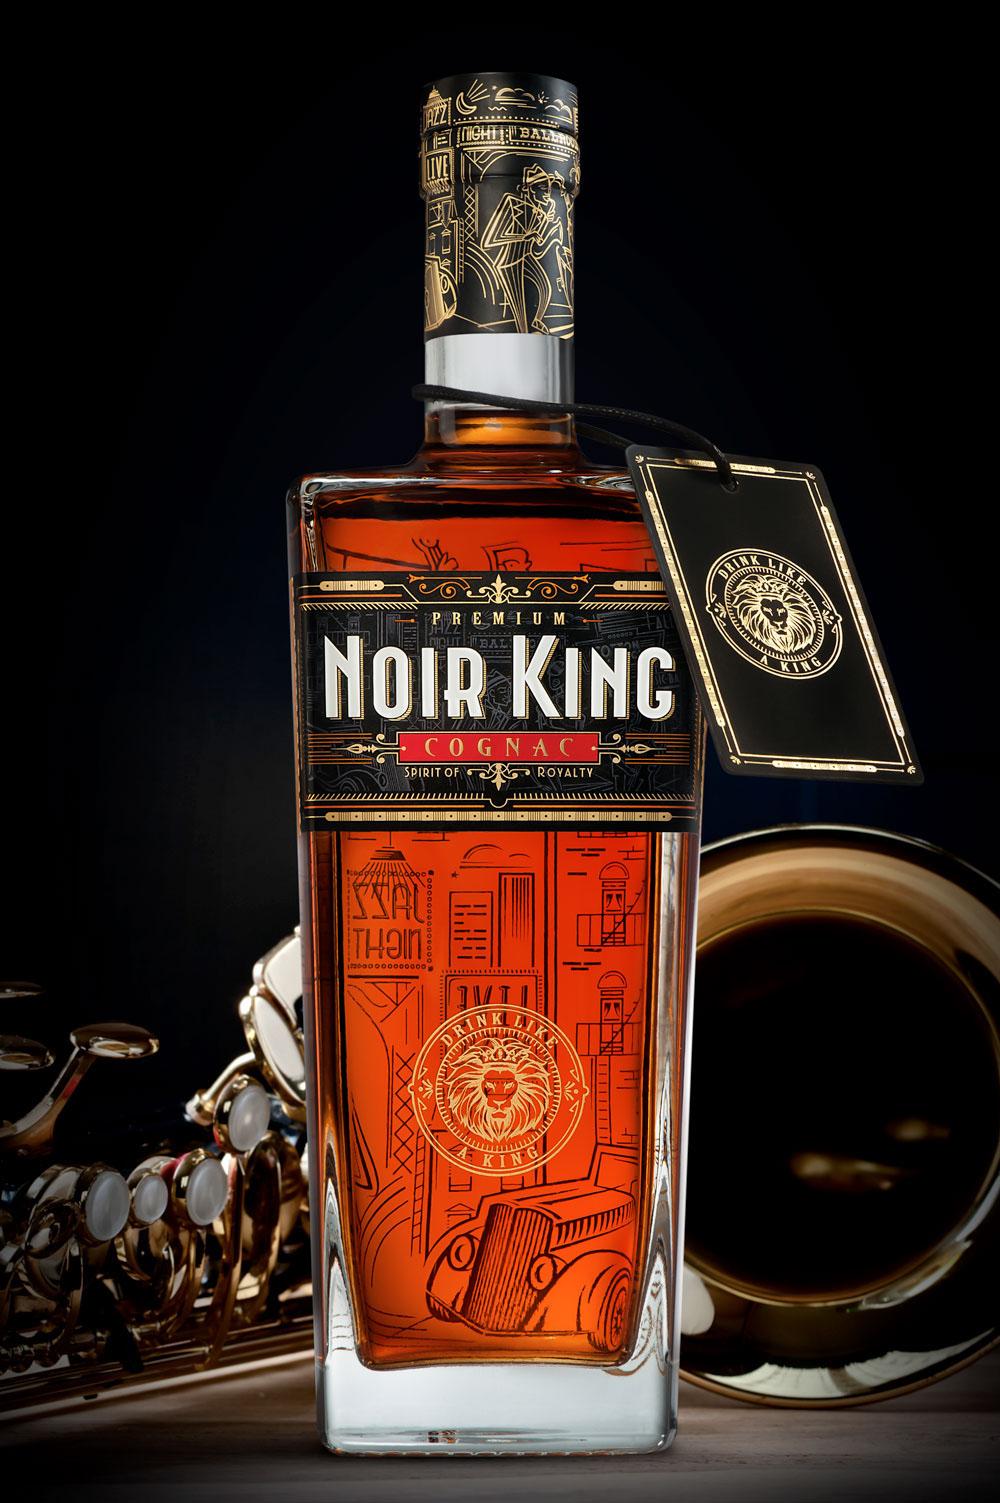 King noir